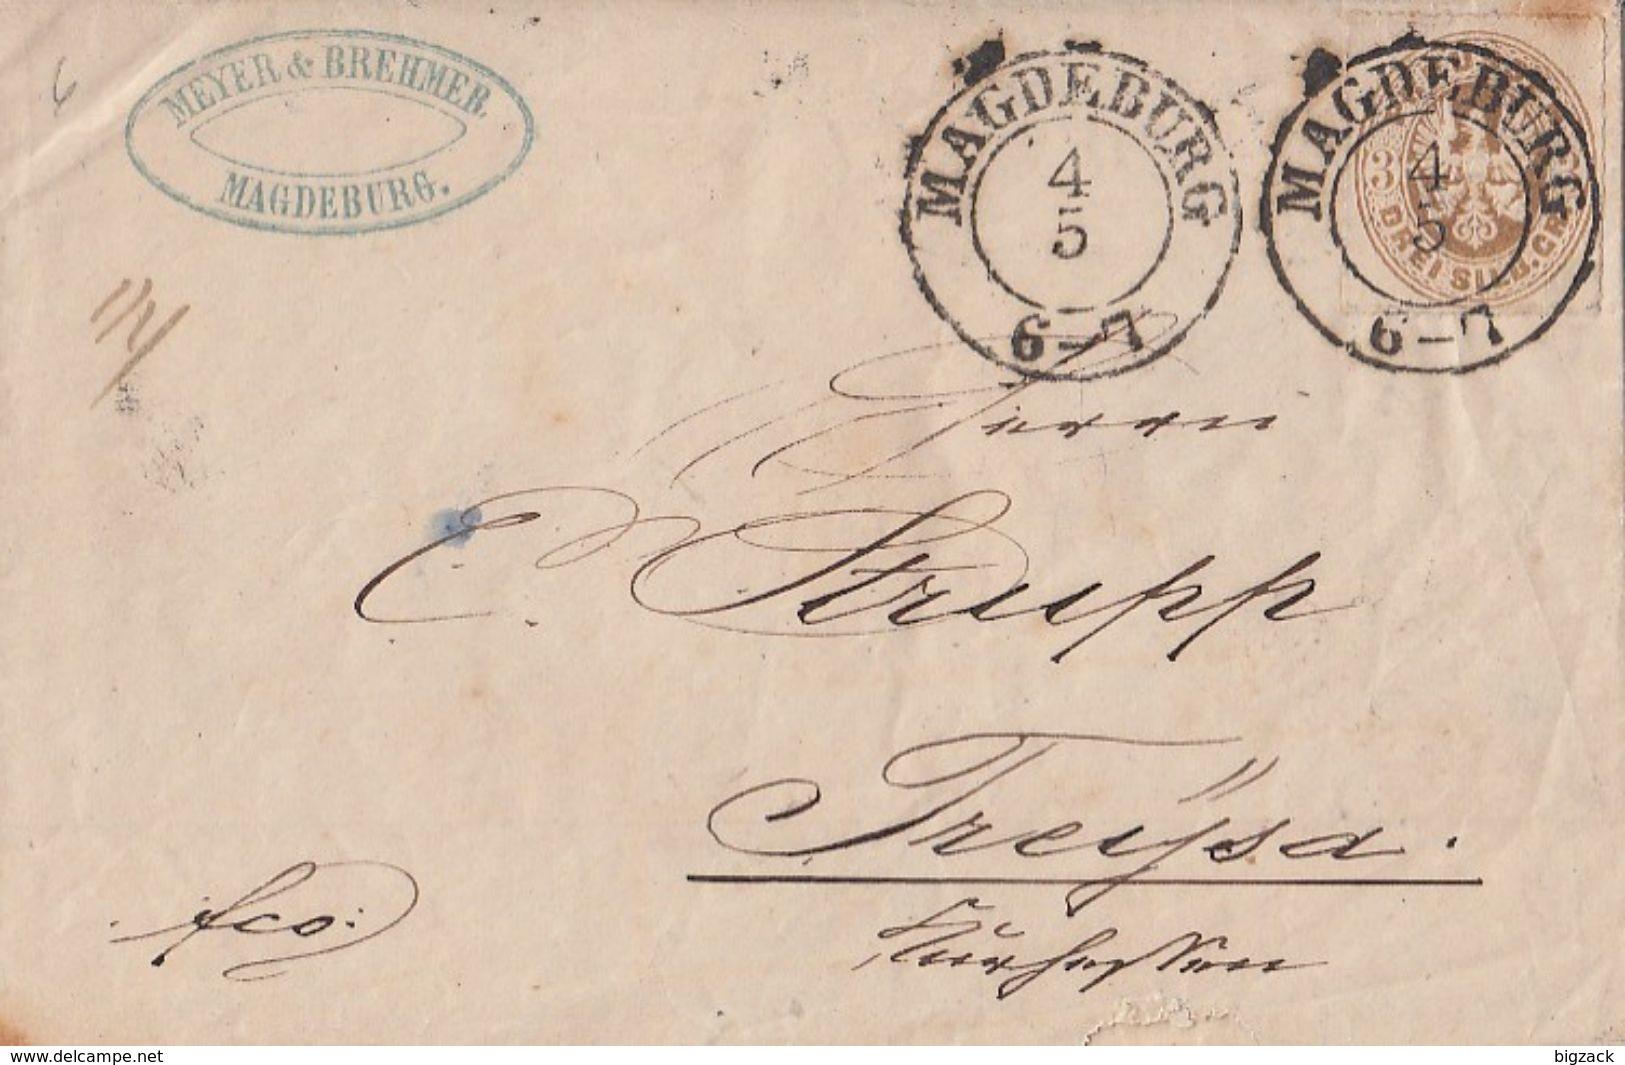 Preussen Brief EF Minr.18 K2 Magdeburg 4.5. Gel Nach K1 Treysa-Bahnhof 5.5. - Preussen